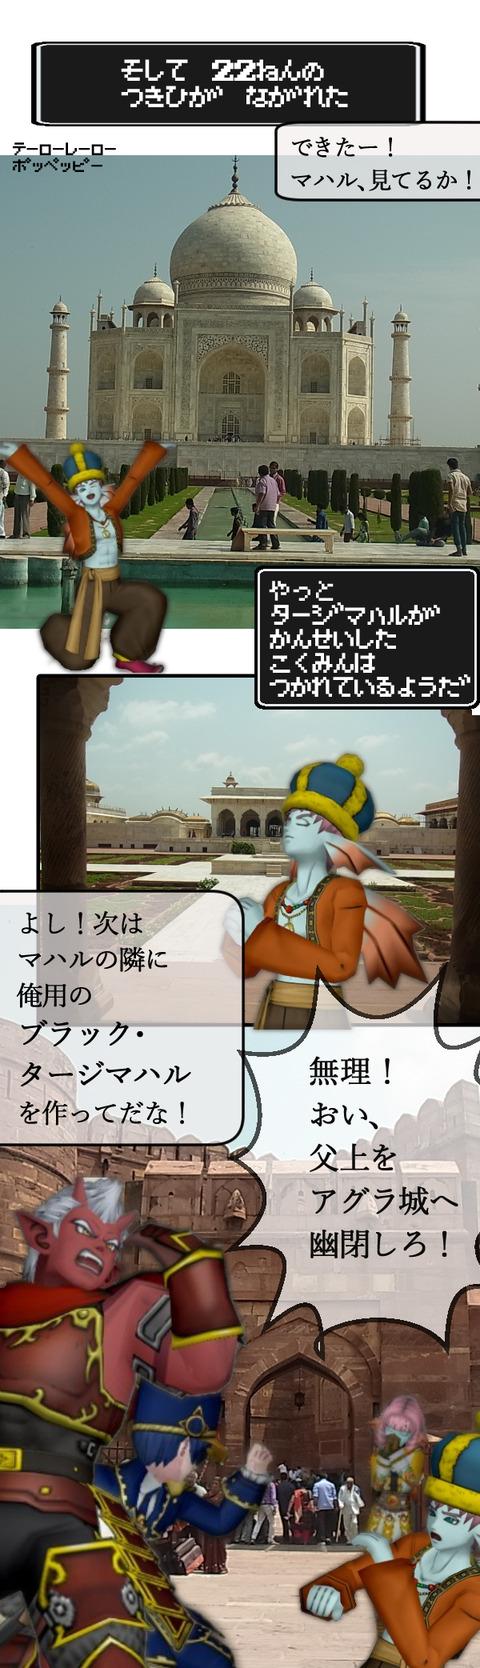 タージ漫画7